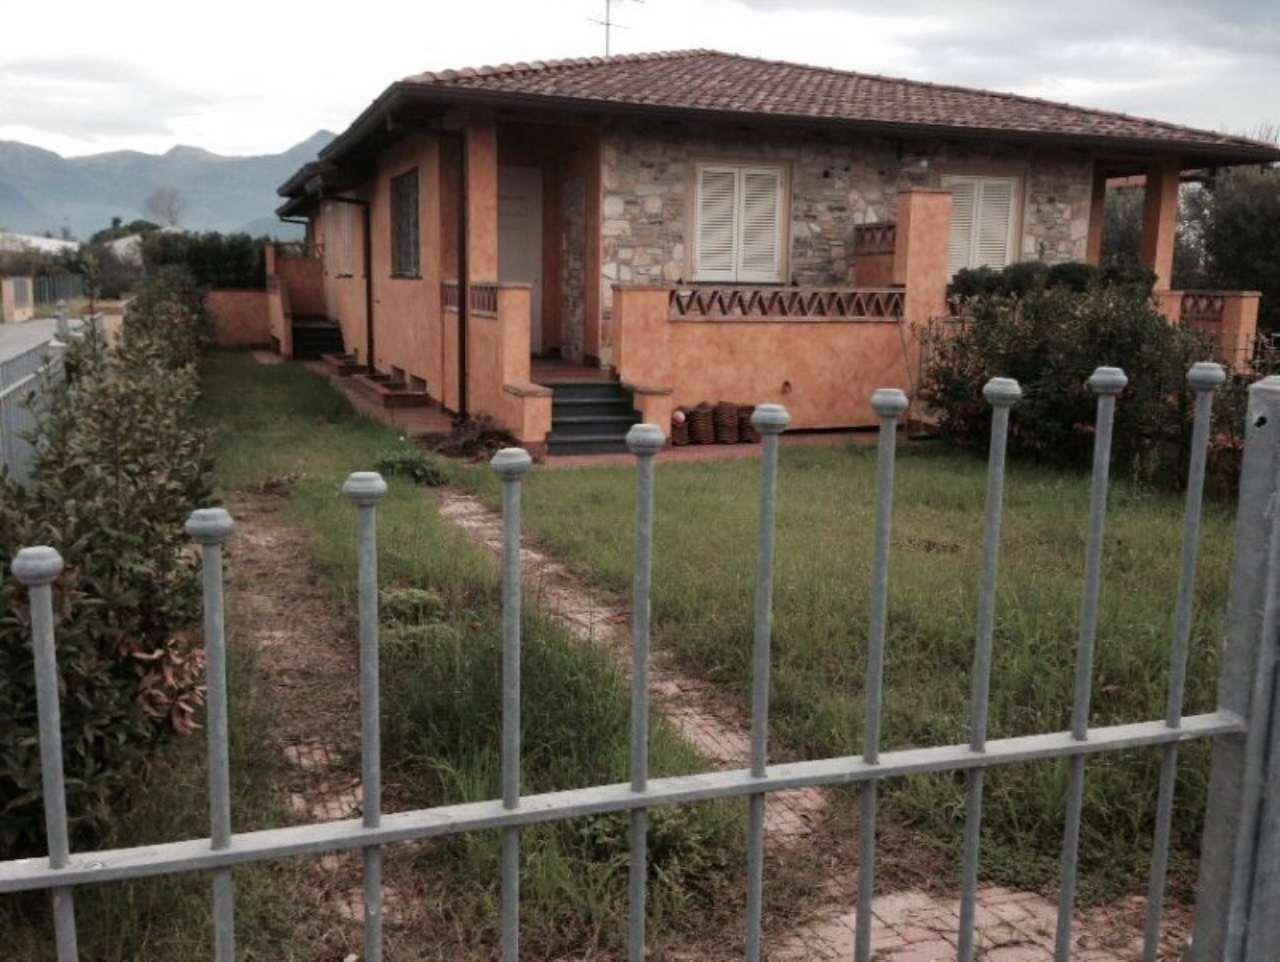 Palazzo / Stabile in vendita a Camaiore, 5 locali, Trattative riservate | Cambio Casa.it